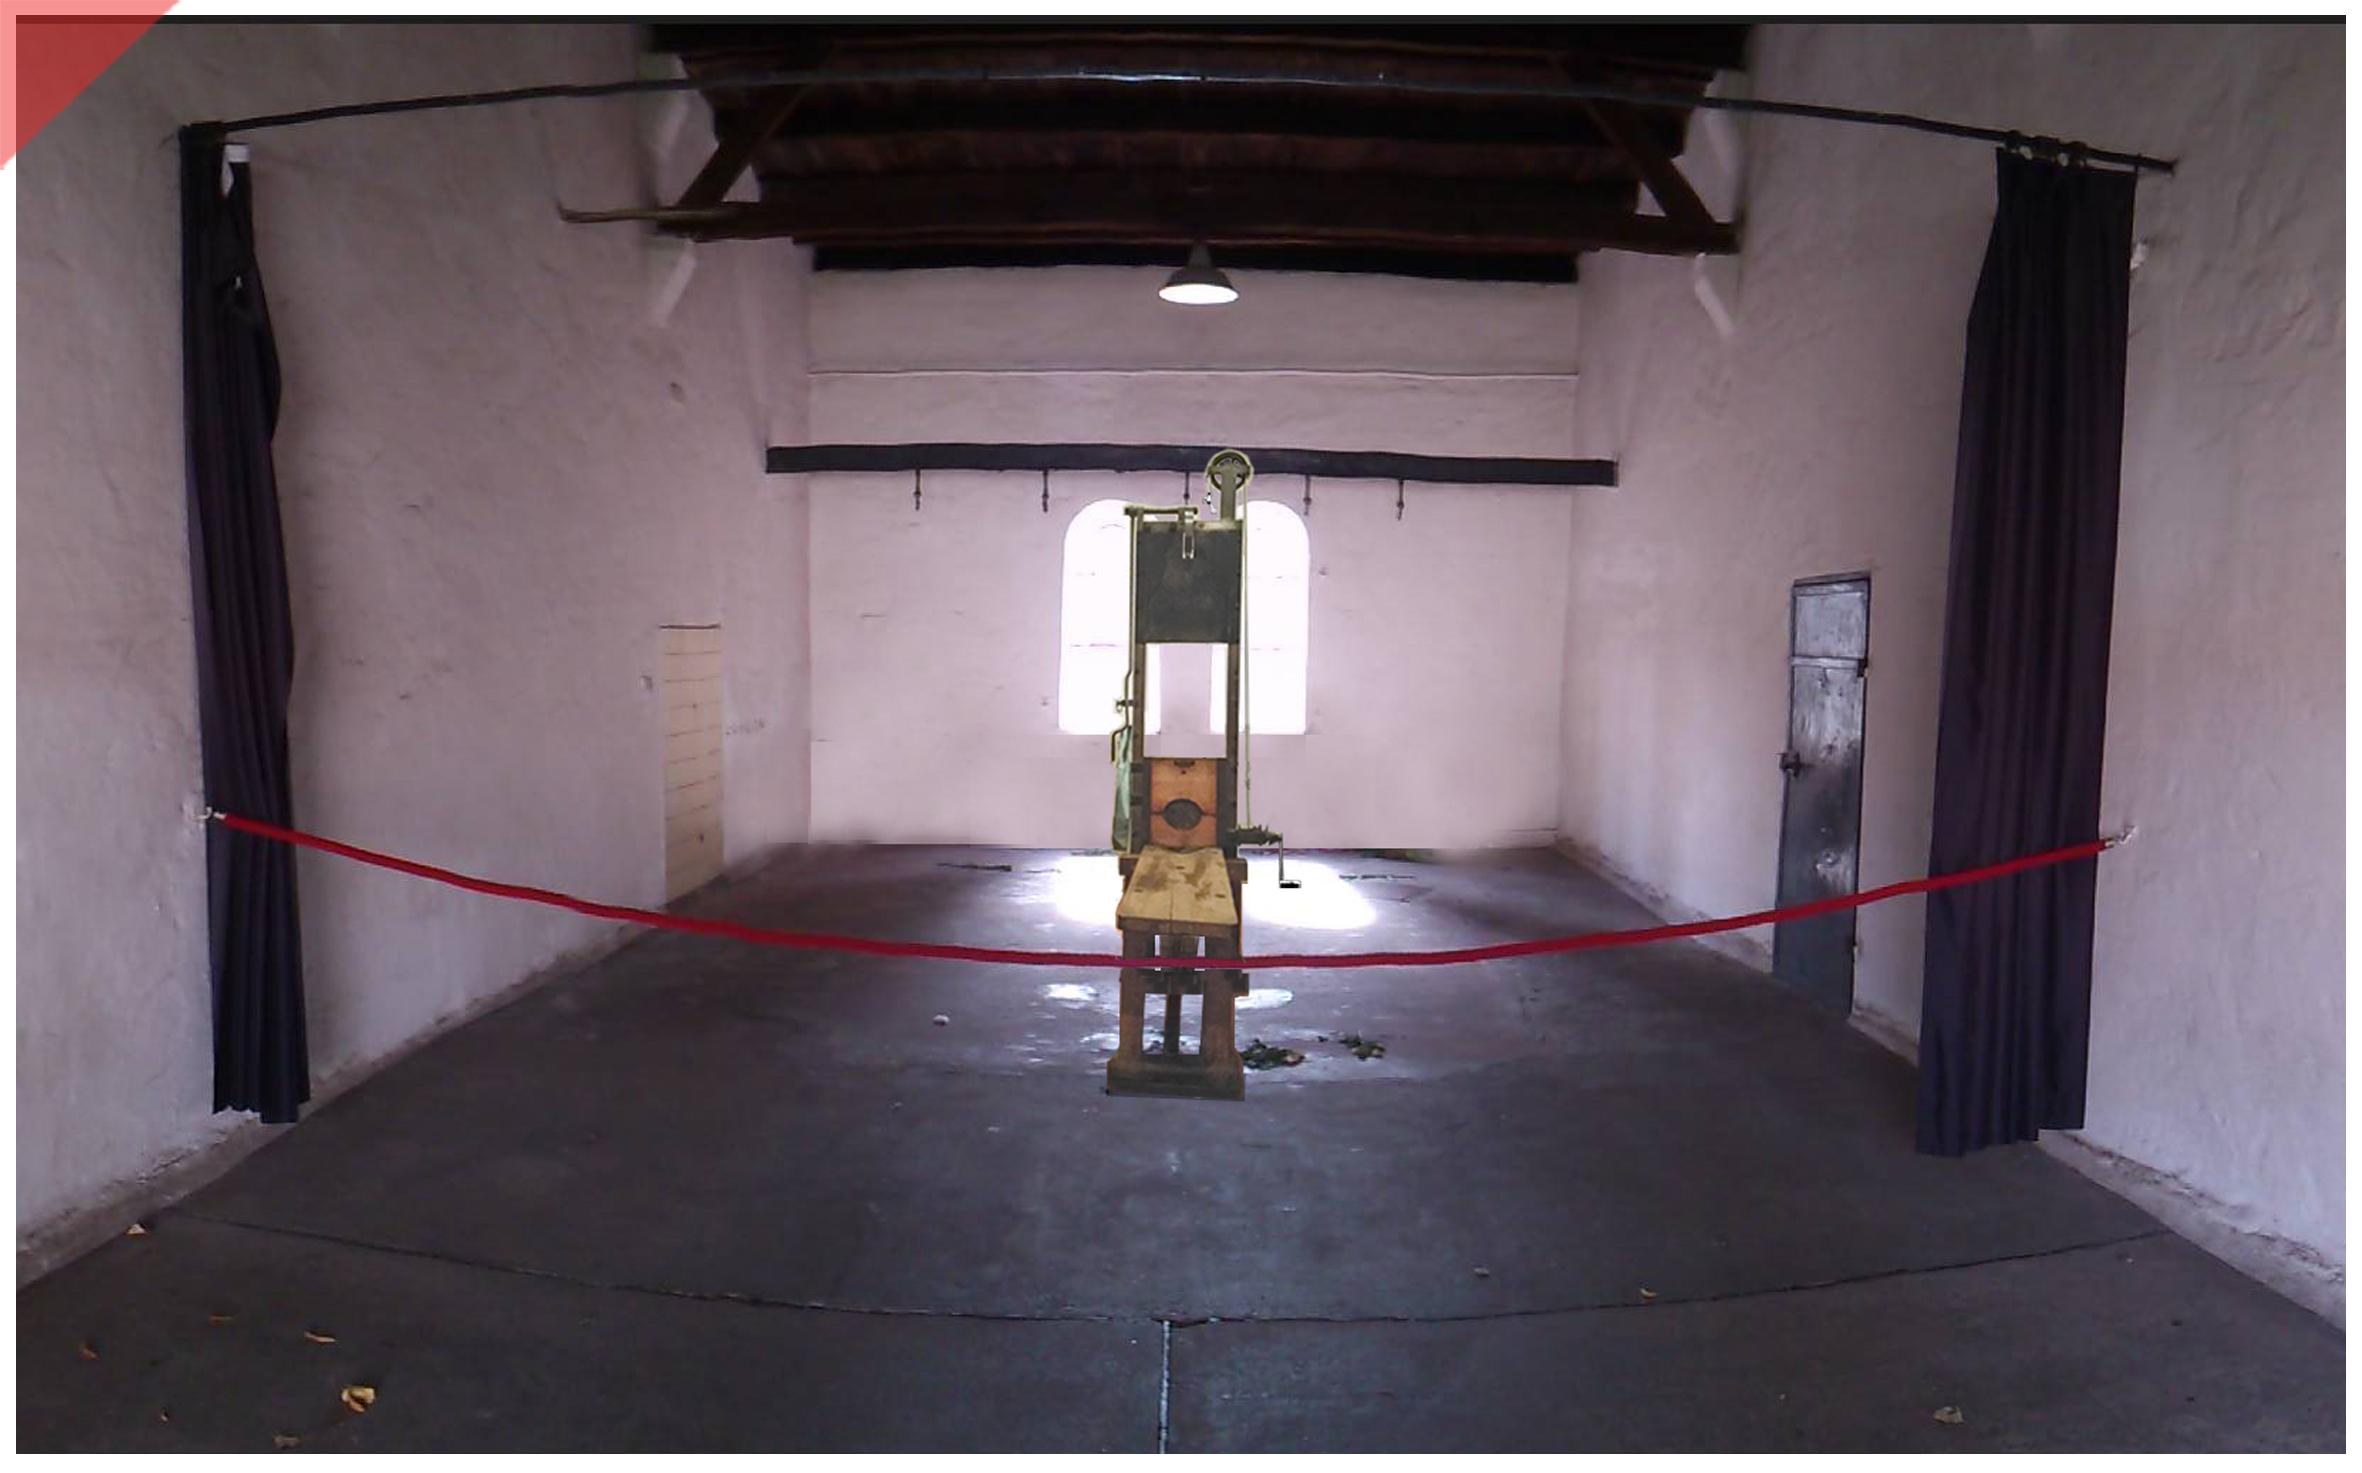 Plötzensee-Ploetzensee-Prison-Gefängnis-Gedenkstätte-Fallbeil-T-Mannhardt-in-color-Brandenburg-Goerden-Görden-Guillotine-Roettger-20th-July-1944-Assassination-Stauffenberg